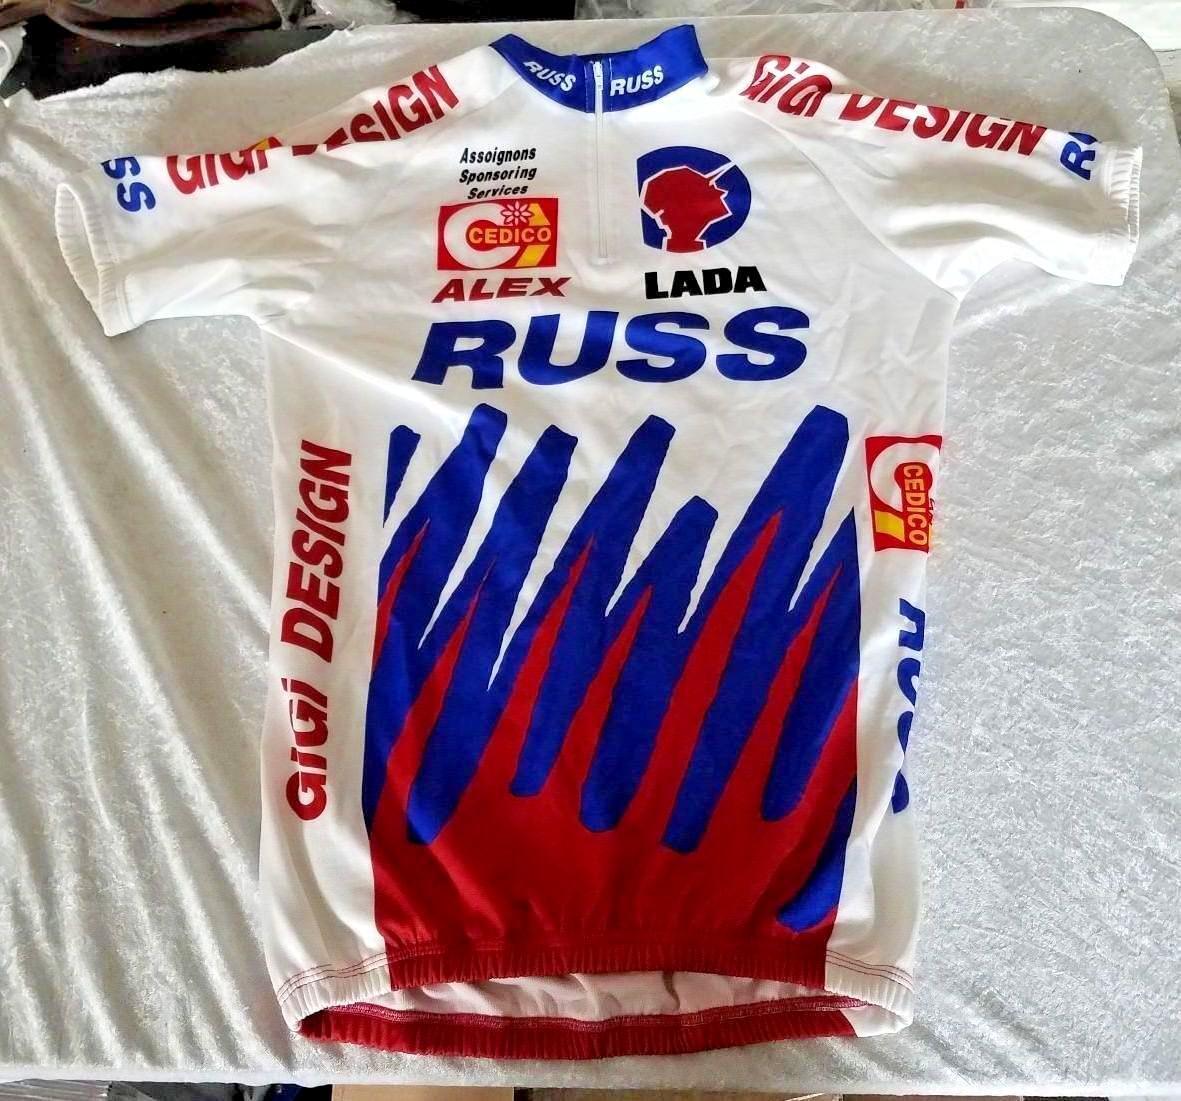 Cycling Bicycling Jersey RUSS LADA ALEX GIGI Design Cedico RARE